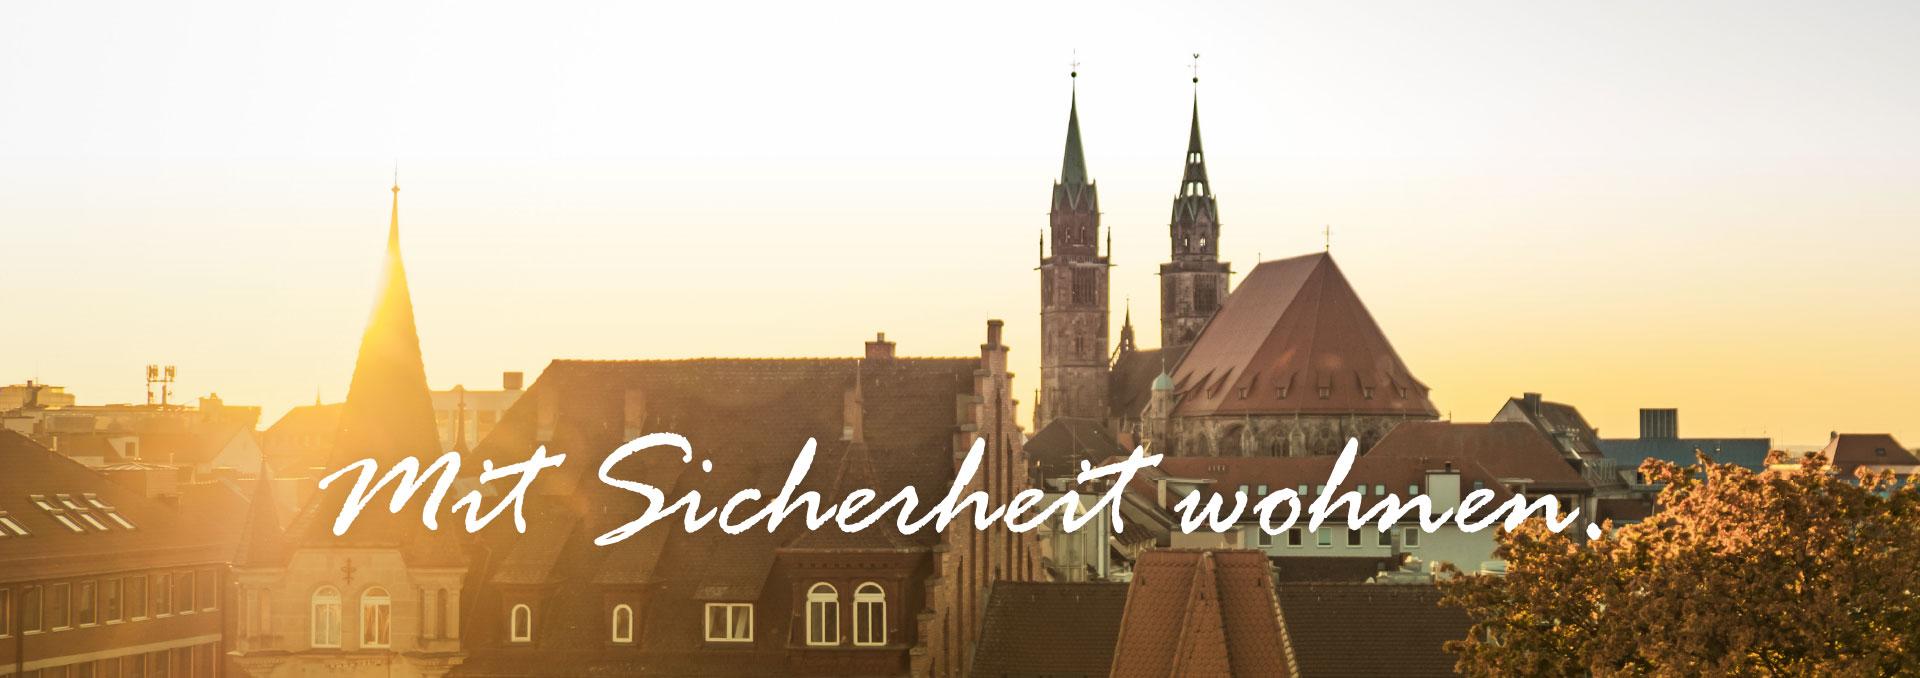 Wohnungsunternehmen Frankenheim Nürnberg